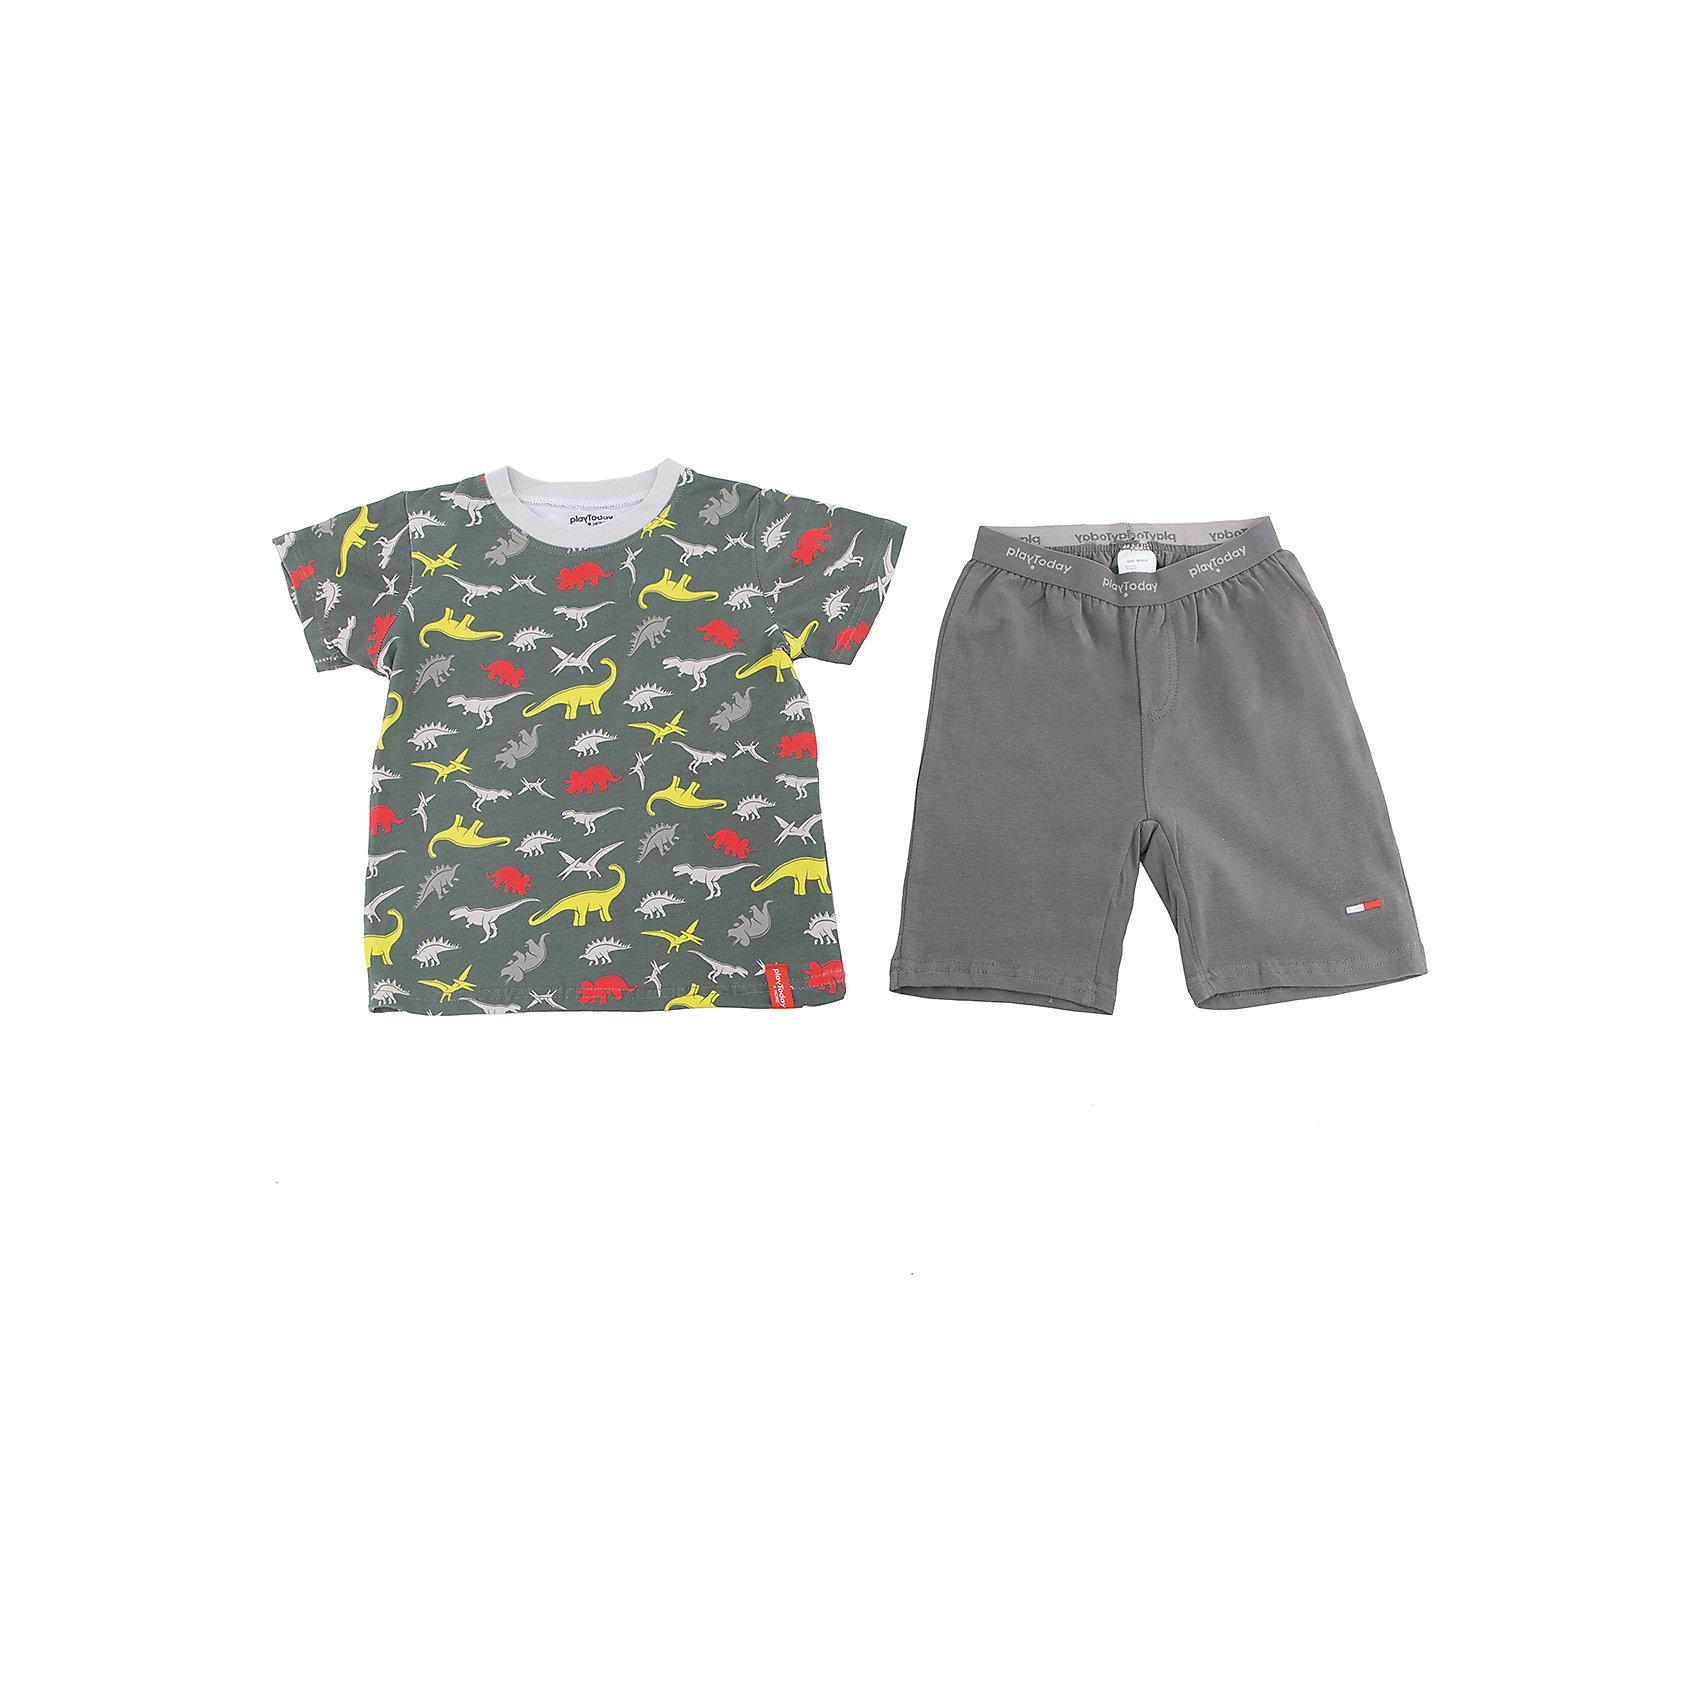 Комплект для мальчика PlayTodayКомплект для мальчика PlayToday<br>Комплект из майки и шорт прекрасно подойдет для домашнего использования. Может быть и домашней одеждой, и уютной пижамой. Мягкий, приятный к телу, материал не сковывает движений. Яркий принт является достойным украшением данного изделия.Преимущества: Свободный классический крой не сковывает движения ребенкаМожет быть удобной домашней одеждой и уютной пижамой.Яркий стильный принт<br>Состав:<br>95% хлопок, 5% эластан<br><br>Ширина мм: 199<br>Глубина мм: 10<br>Высота мм: 161<br>Вес г: 151<br>Цвет: темно-серый<br>Возраст от месяцев: 84<br>Возраст до месяцев: 96<br>Пол: Мужской<br>Возраст: Детский<br>Размер: 128,98,104,110,116,122<br>SKU: 5404770